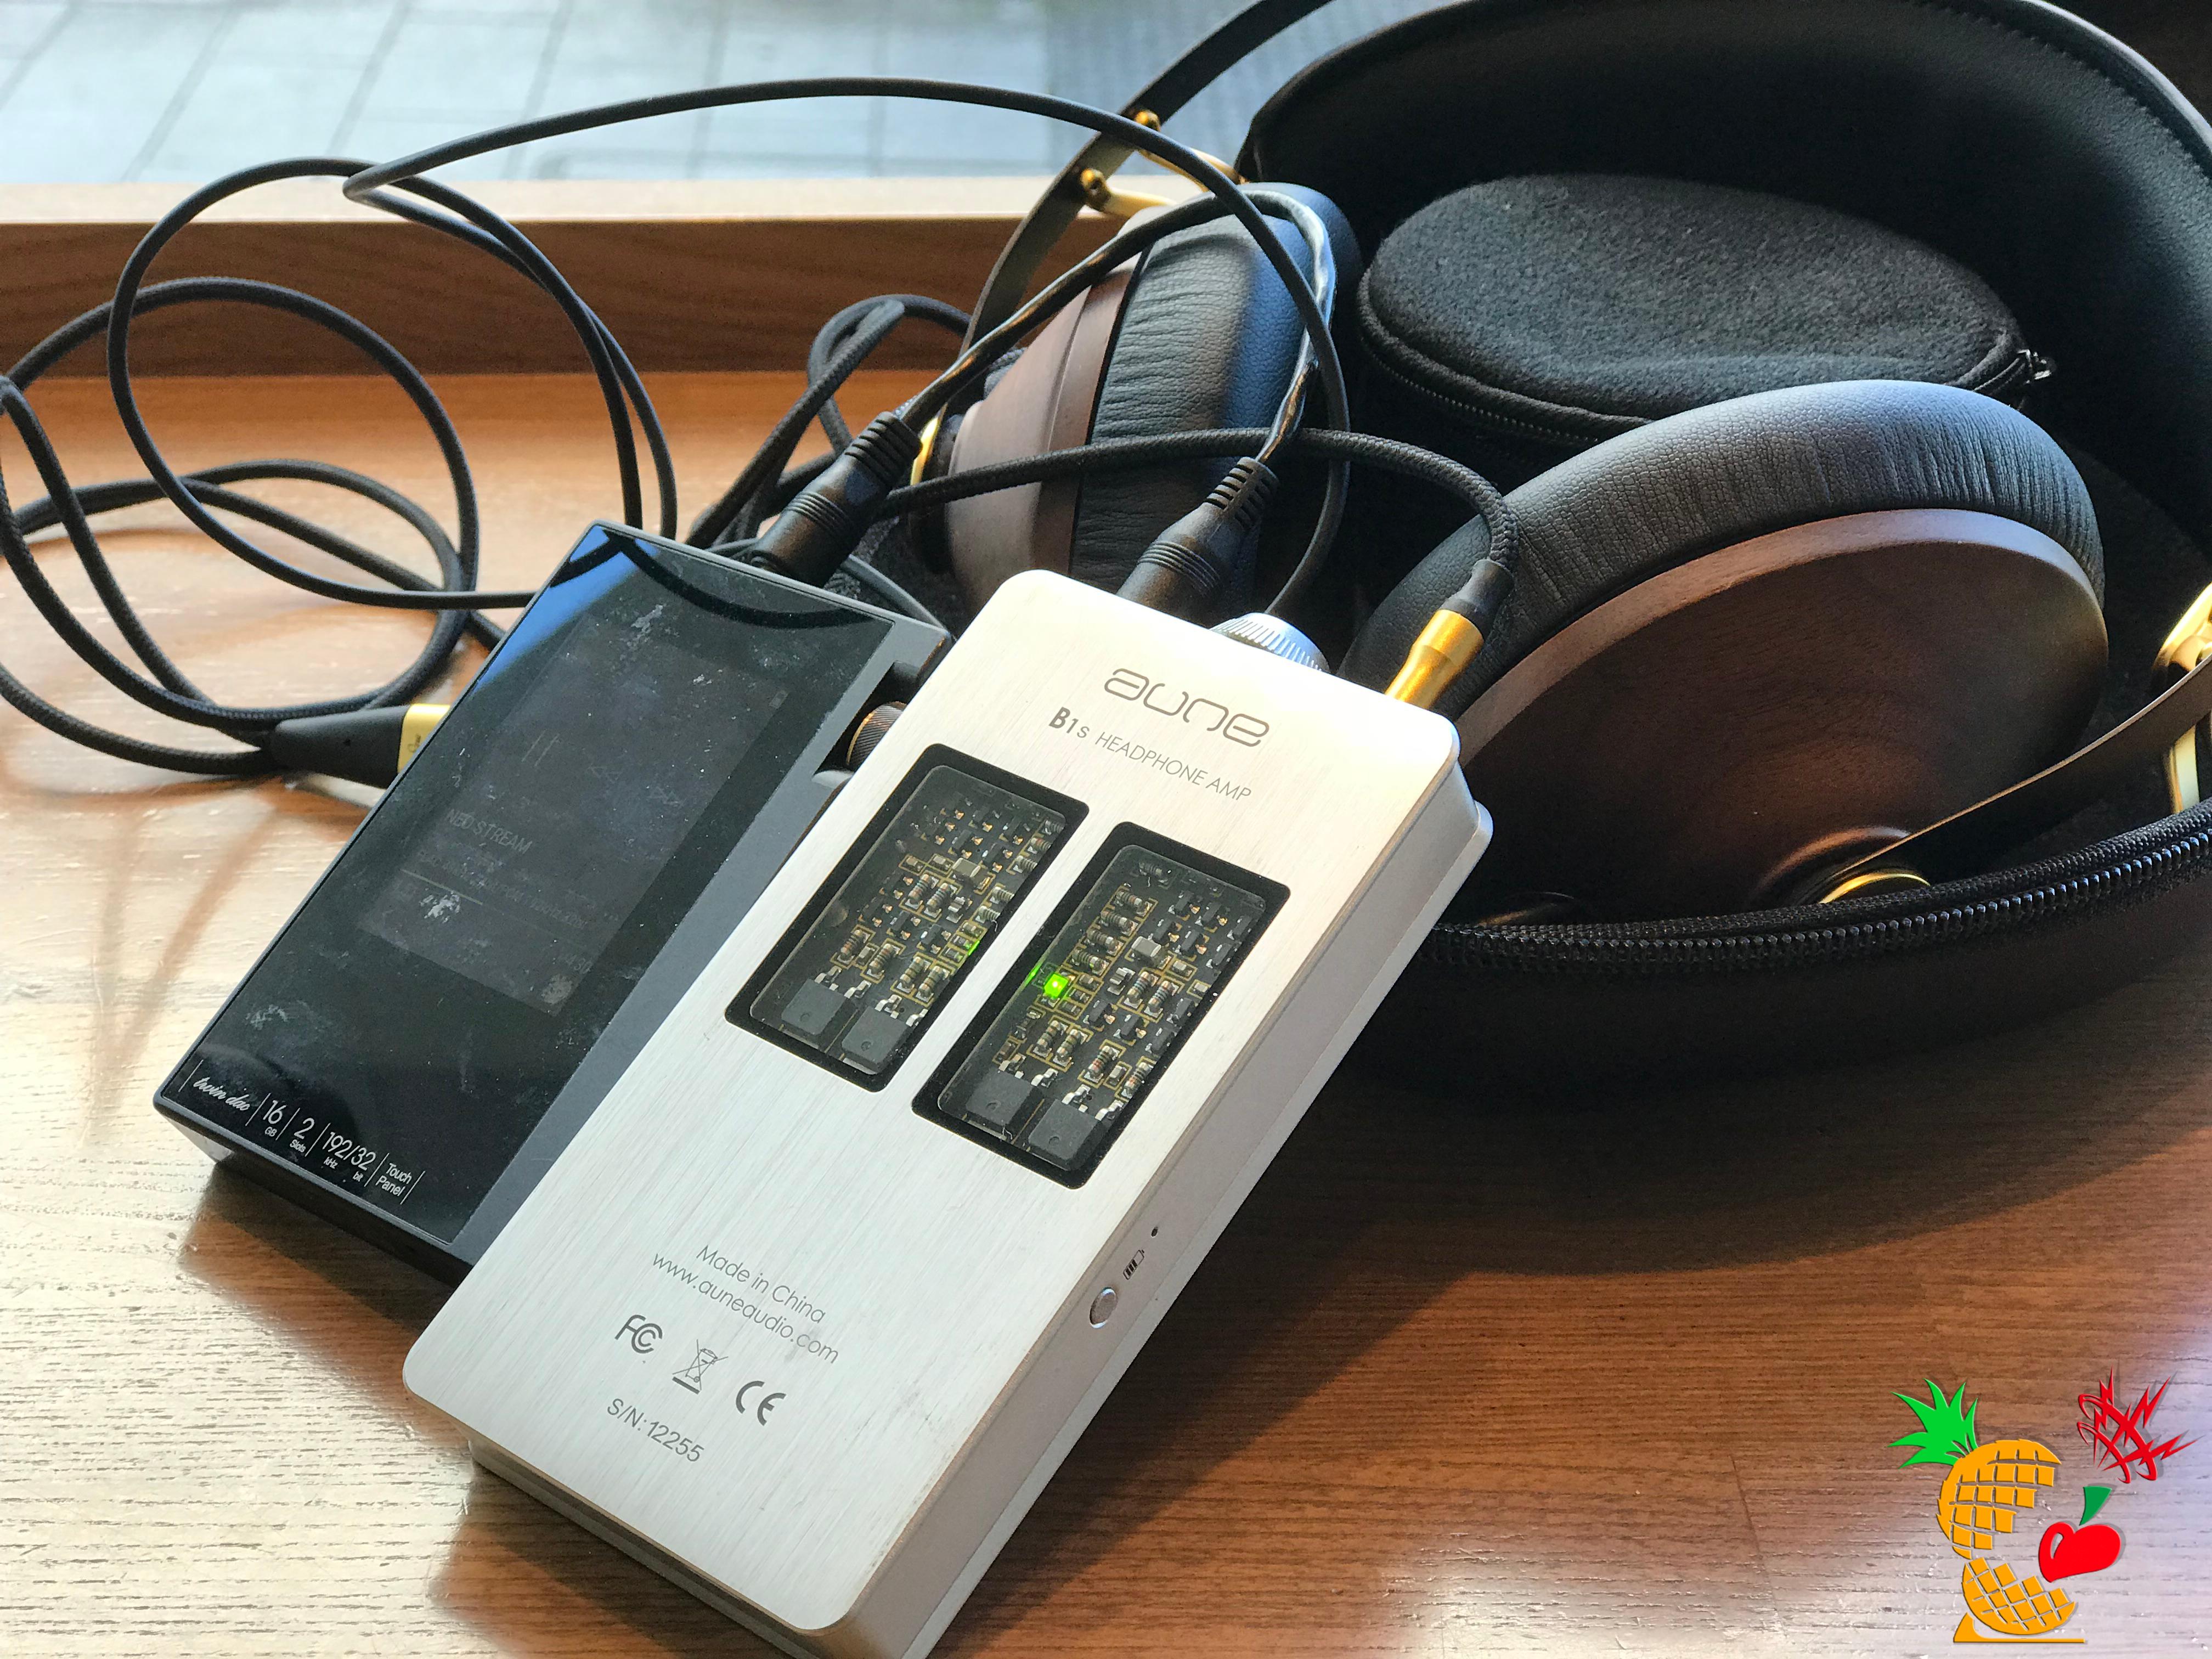 ONKYO rubato + Aune B1s + MEZE Audio 99 Classics